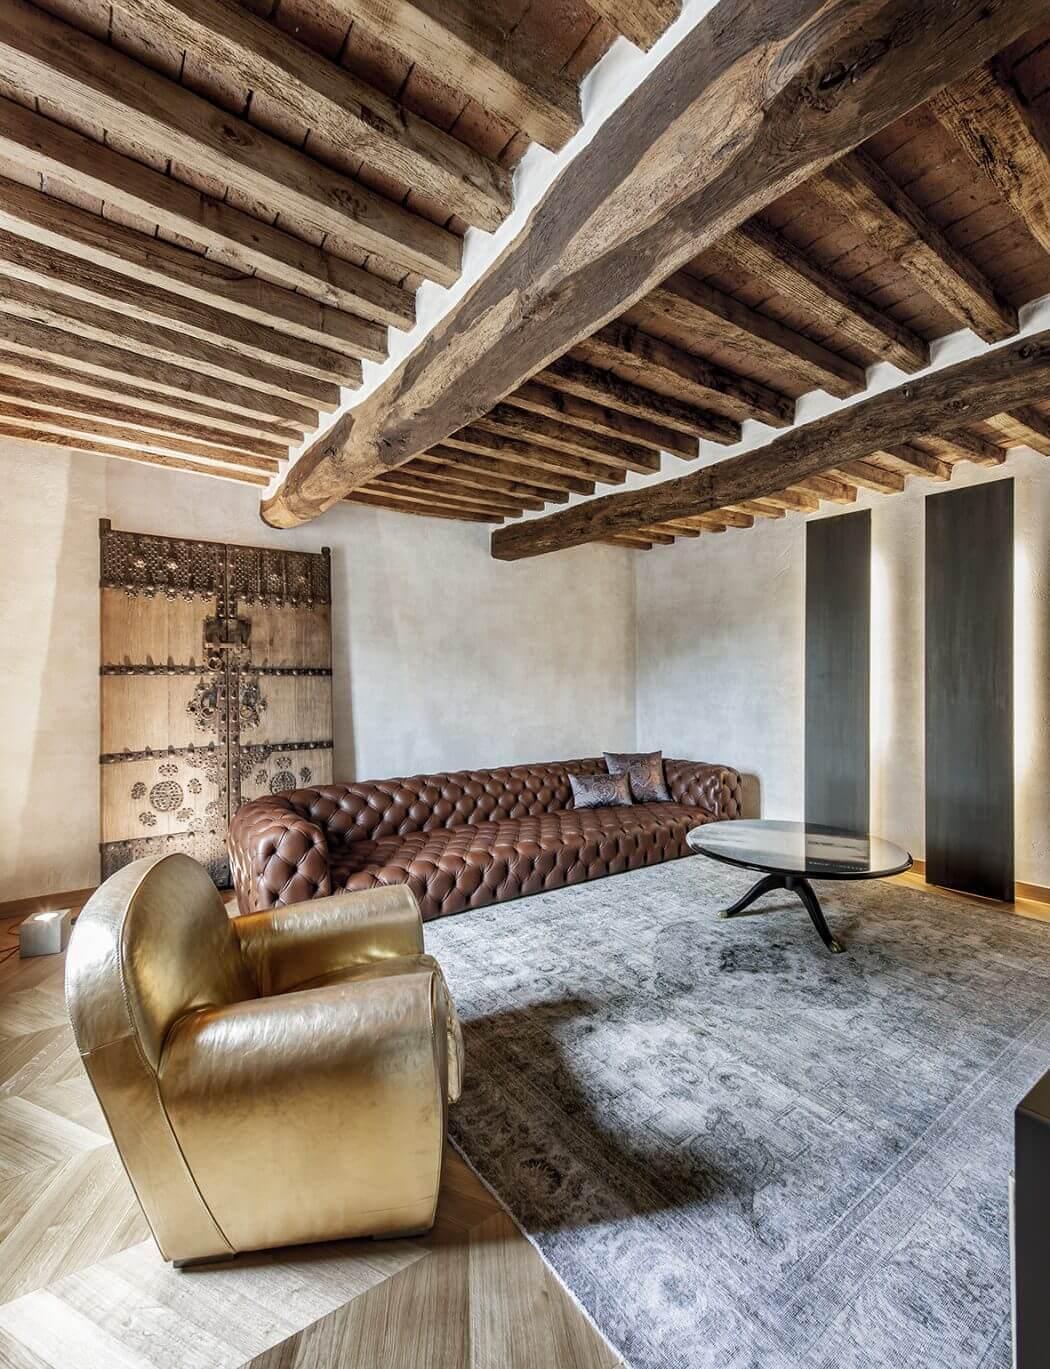 خانه روستایی با دکوراسیون شیک در ایتالیا